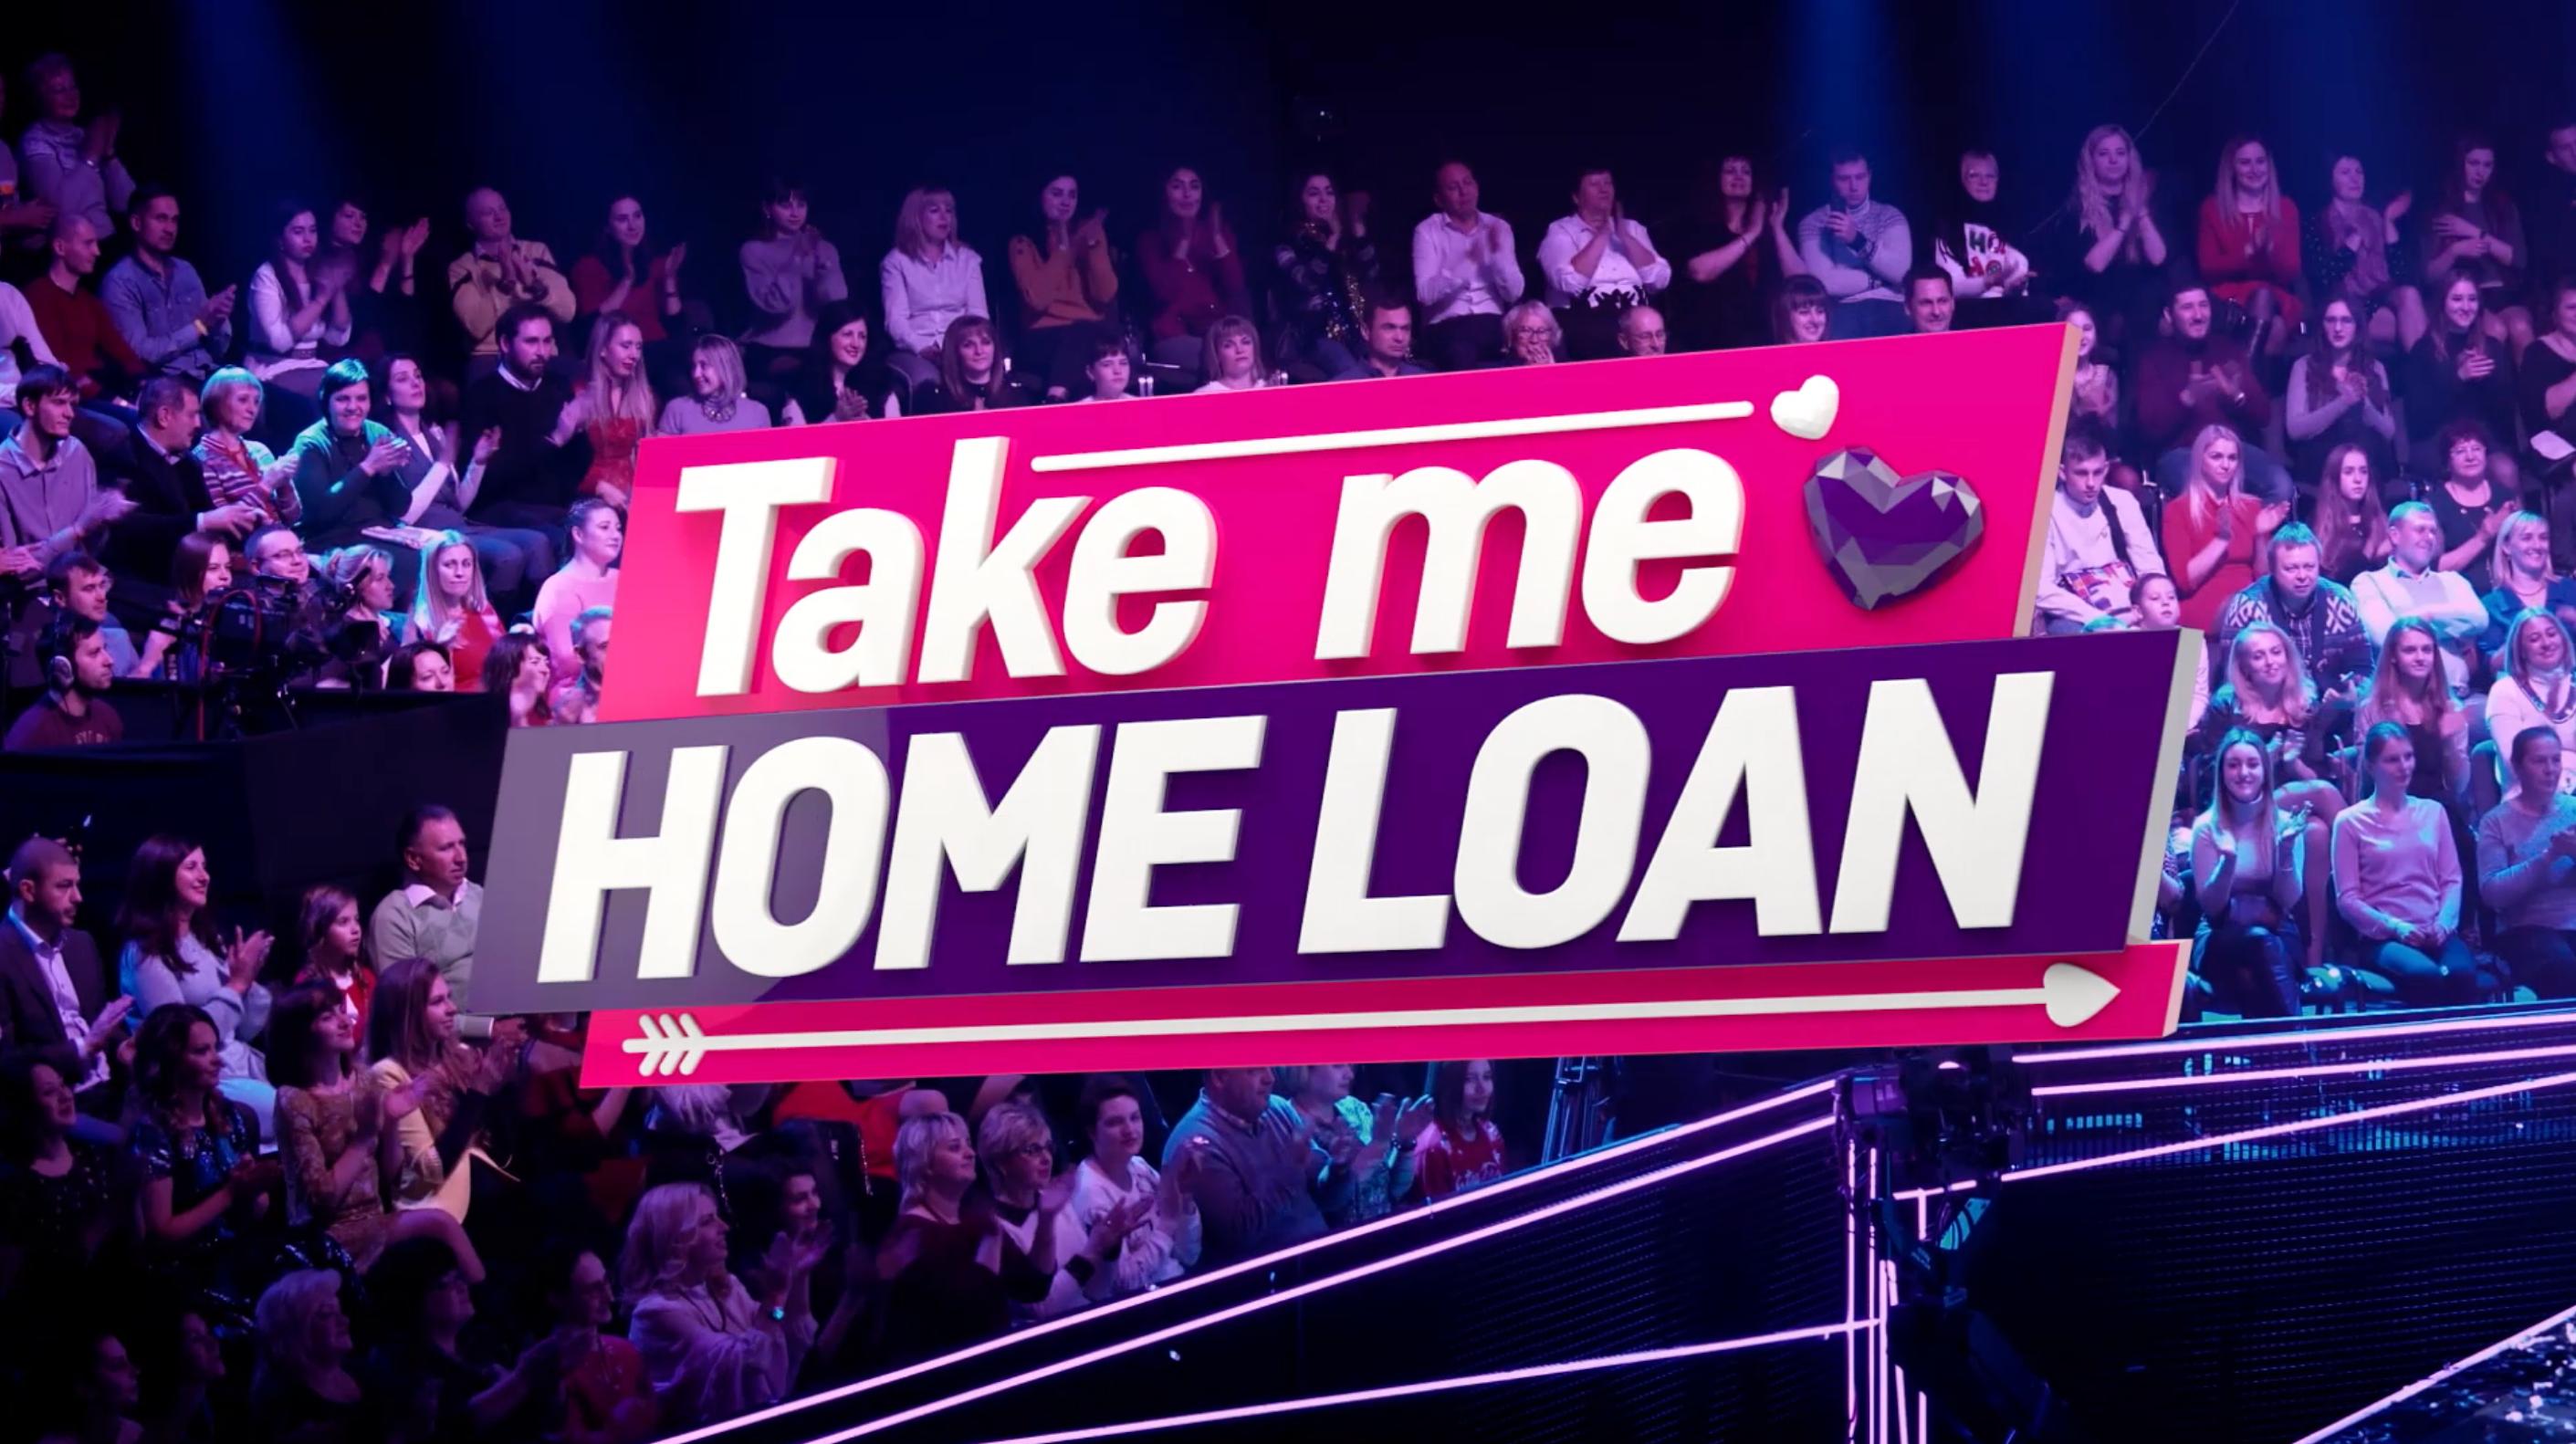 Take me home loan